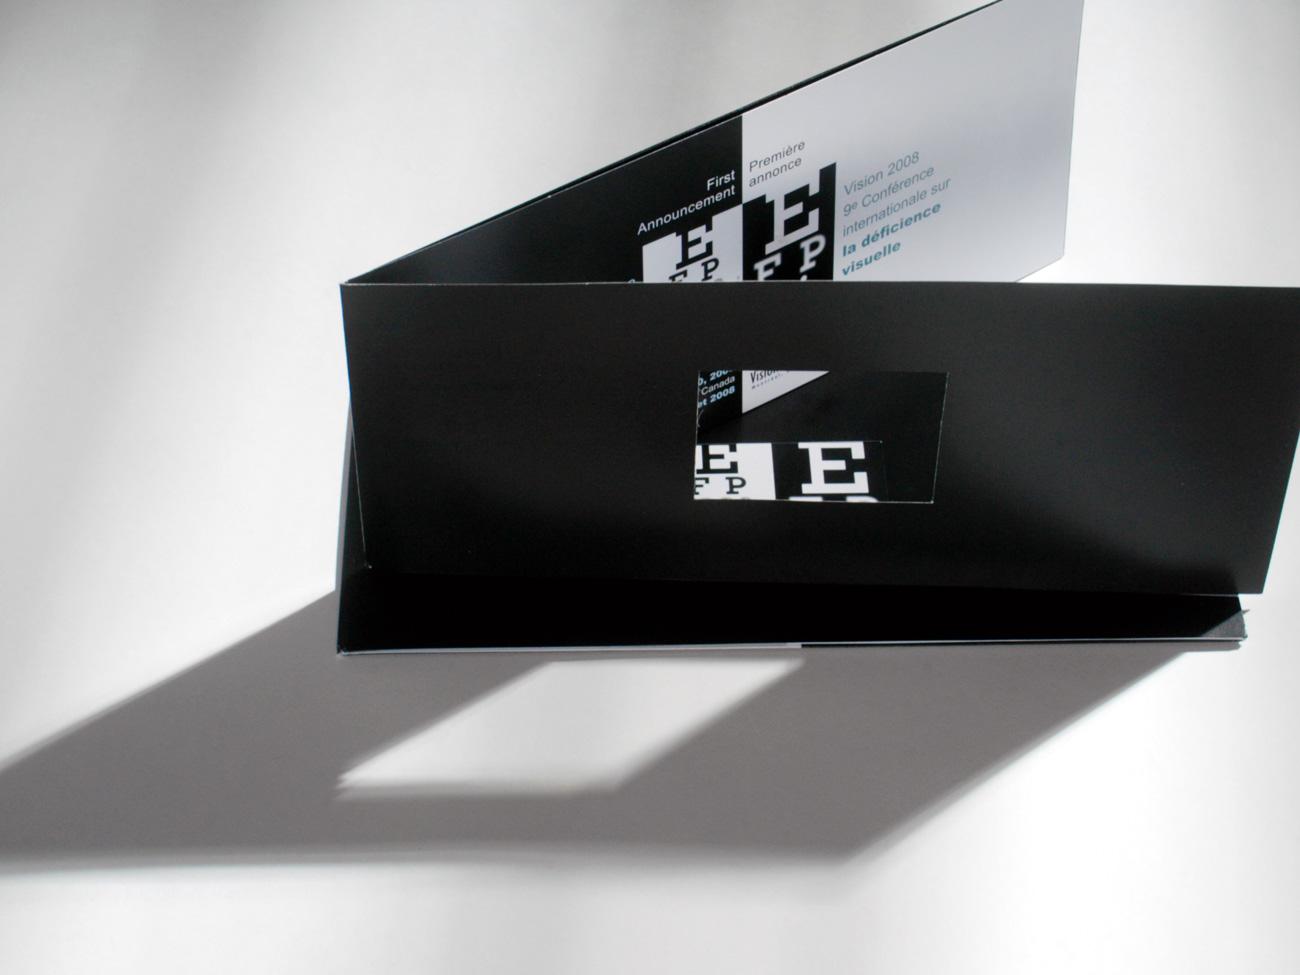 Opus 3 vision 2008 signature visuelle outils for Chambre de commerce francaise a montreal